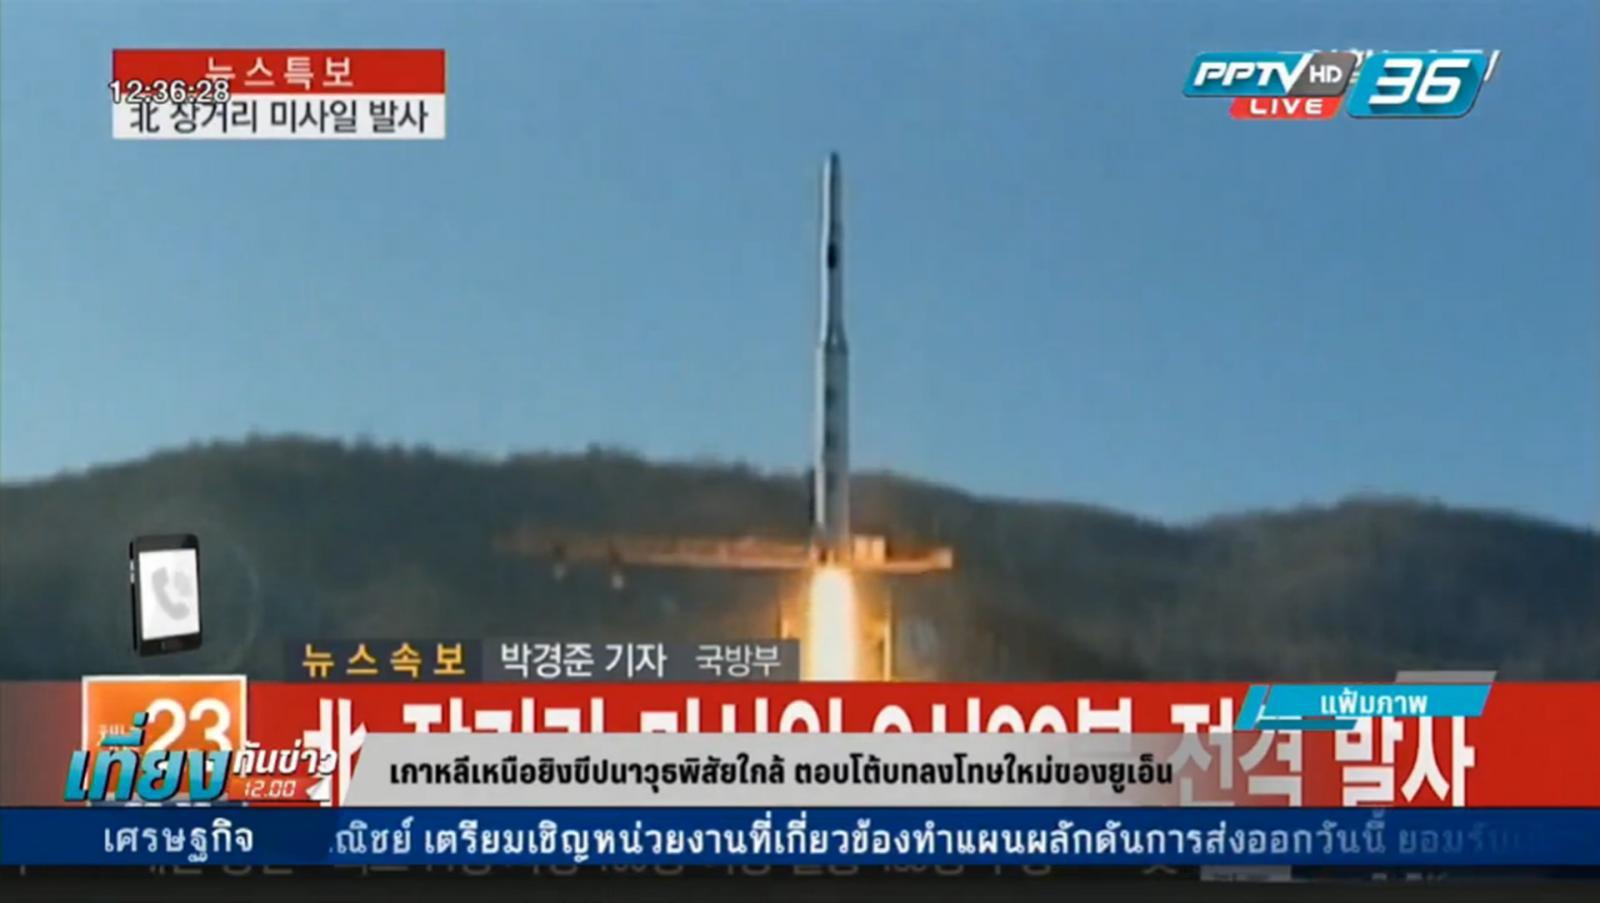 เกาหลีเหนือยิงขีปนาวุธพิสัยใกล้ ตอบโต้บทลงโทษใหม่ของยูเอ็น